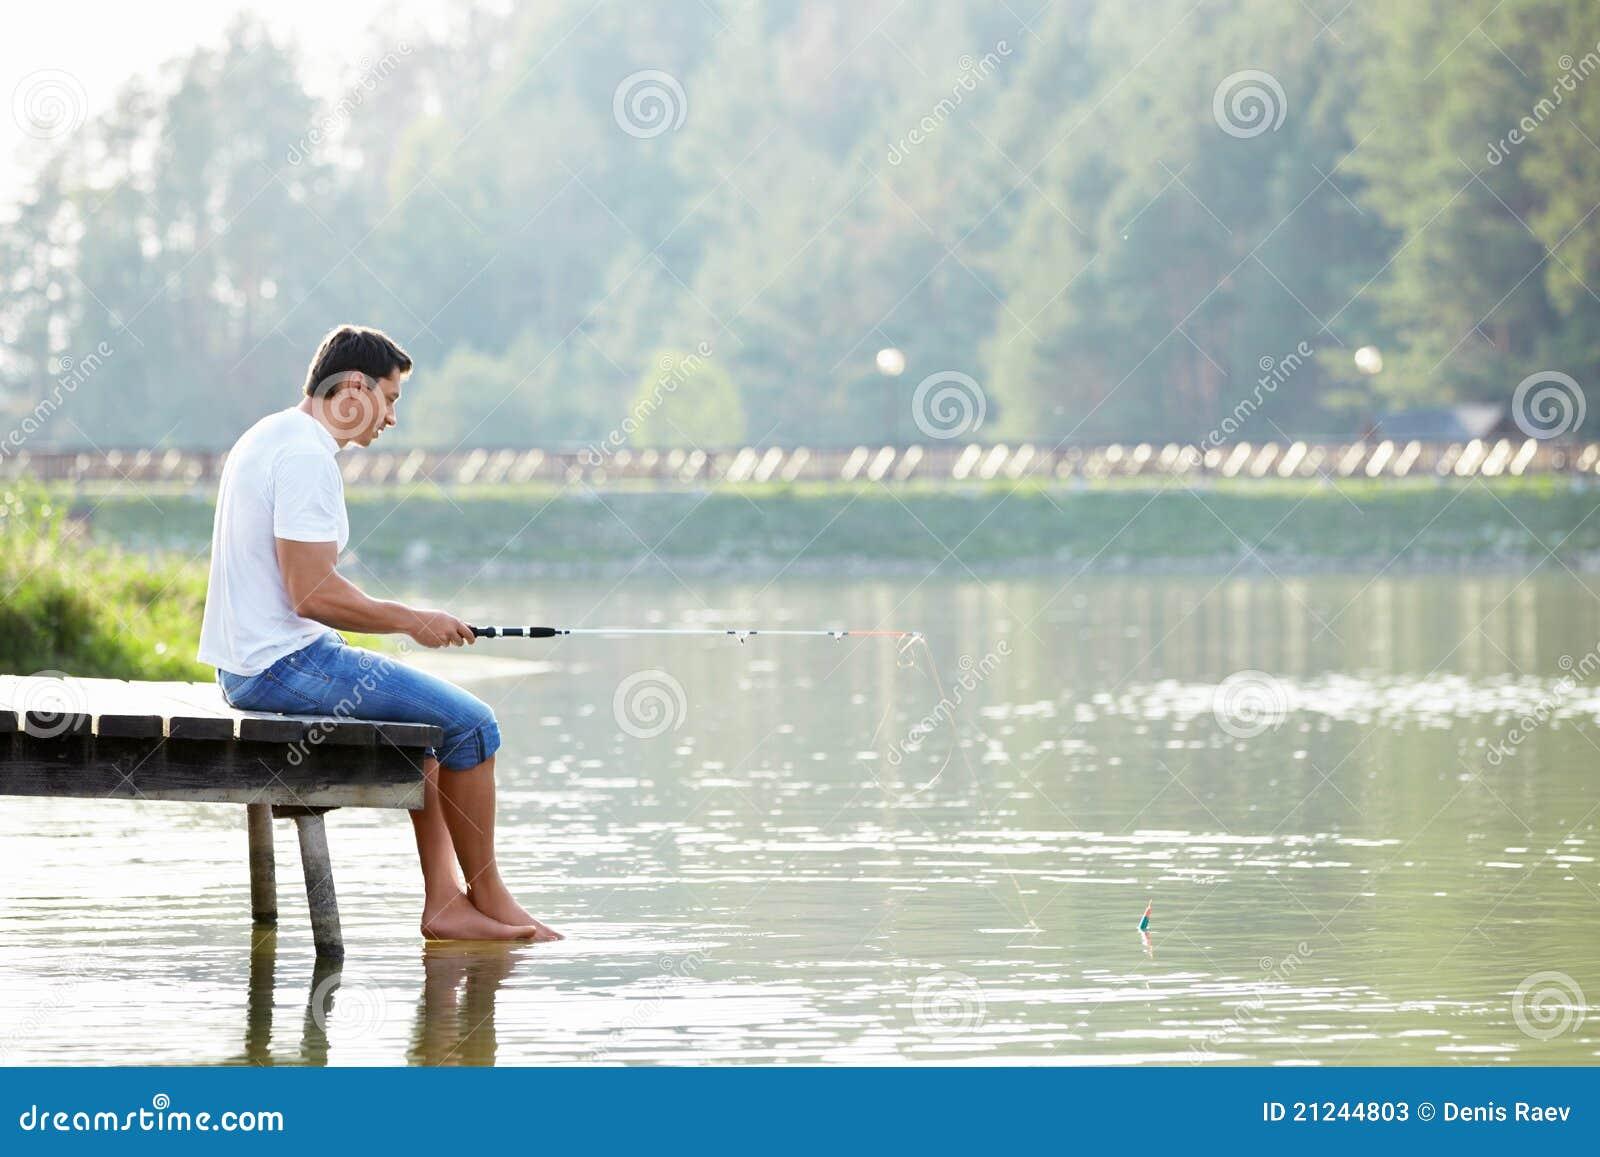 Фото на рыбалке парней 8 фотография